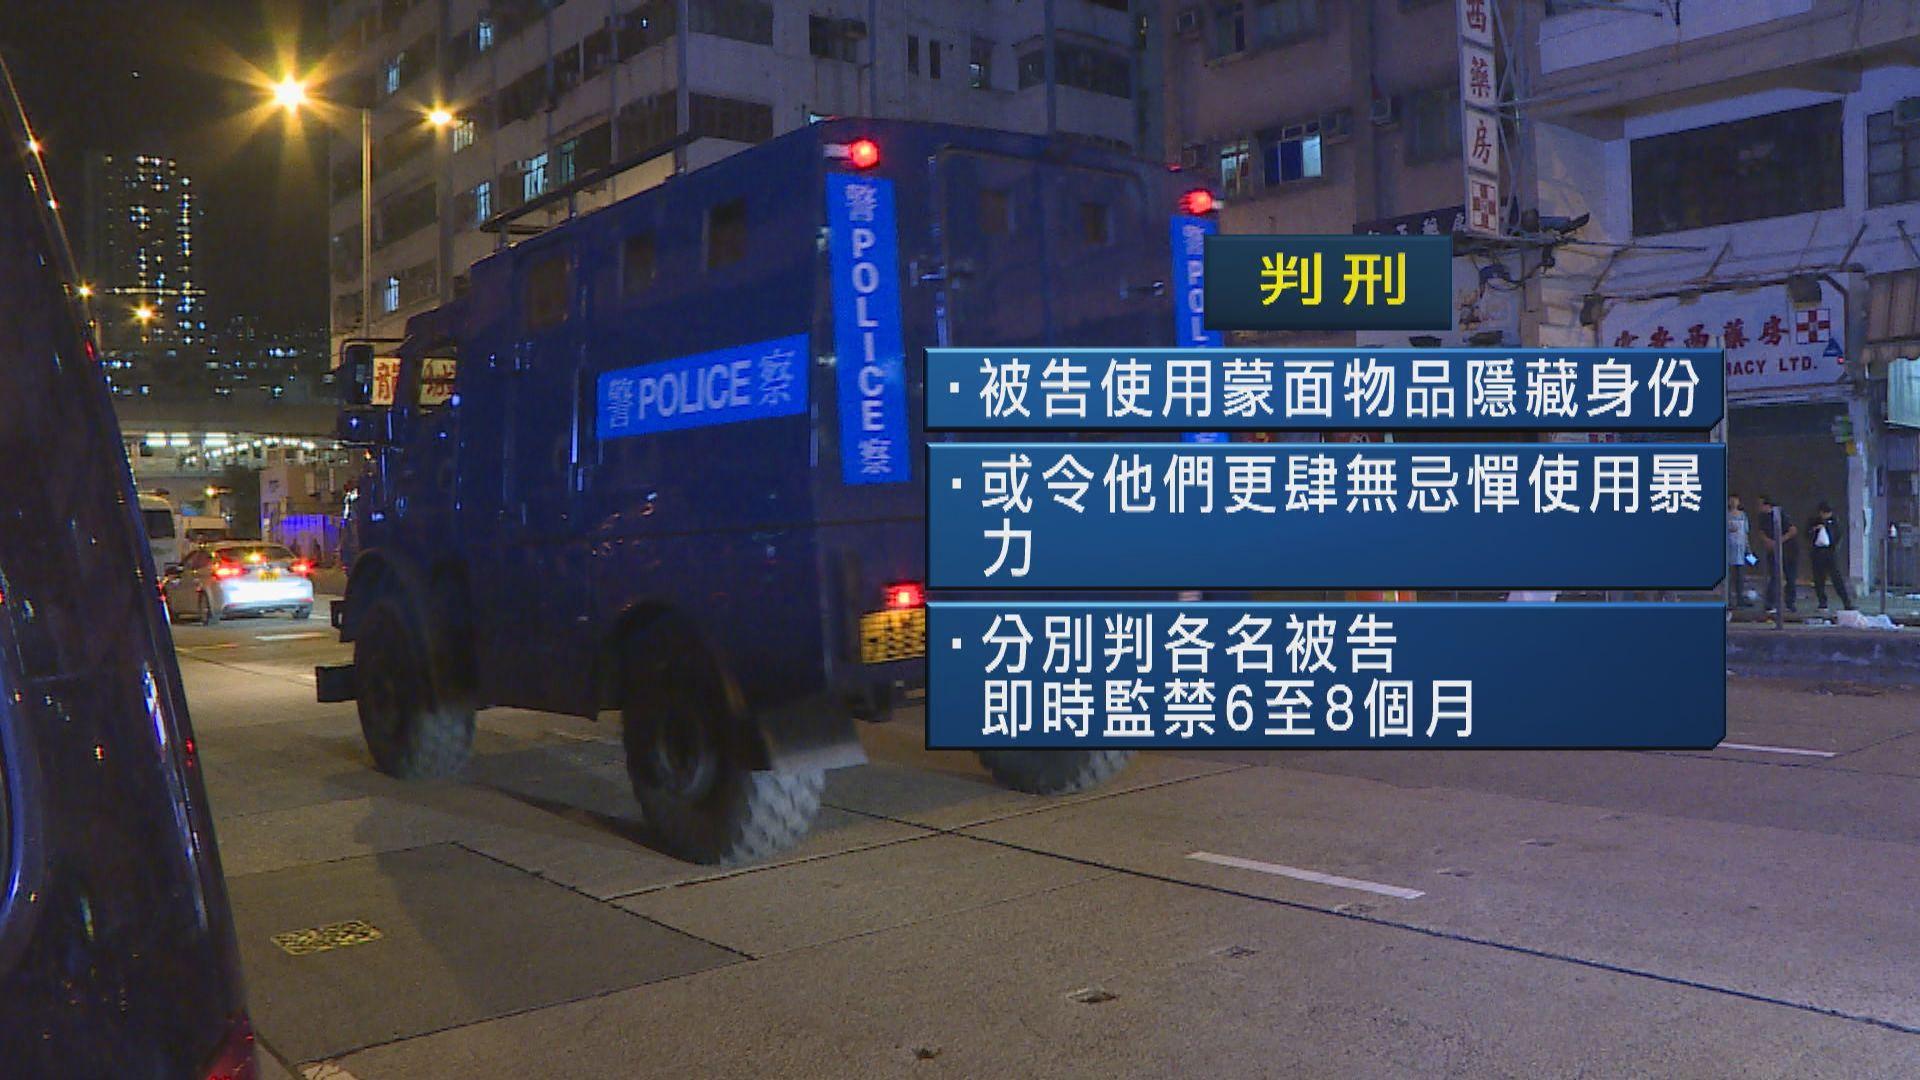 前年九龍遊行非法集結等罪成 5人分別判囚6至8個月